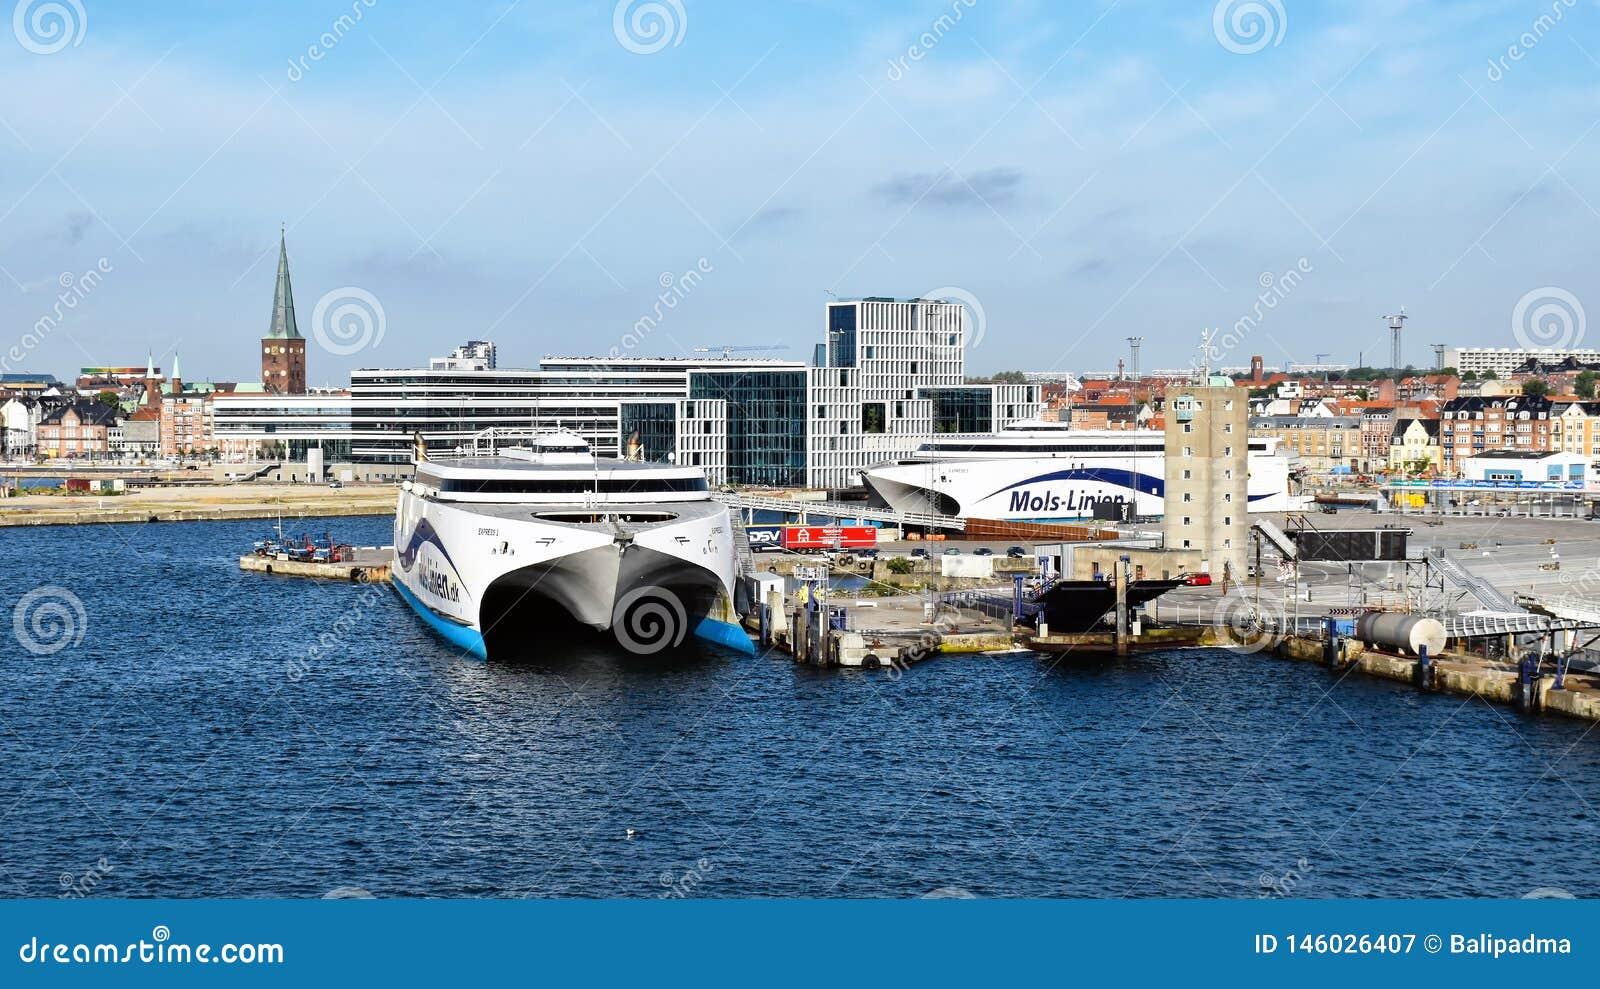 高速轮渡表达1 und表达Molslinjen在奥尔胡斯丹麦港被停泊的2送货公司